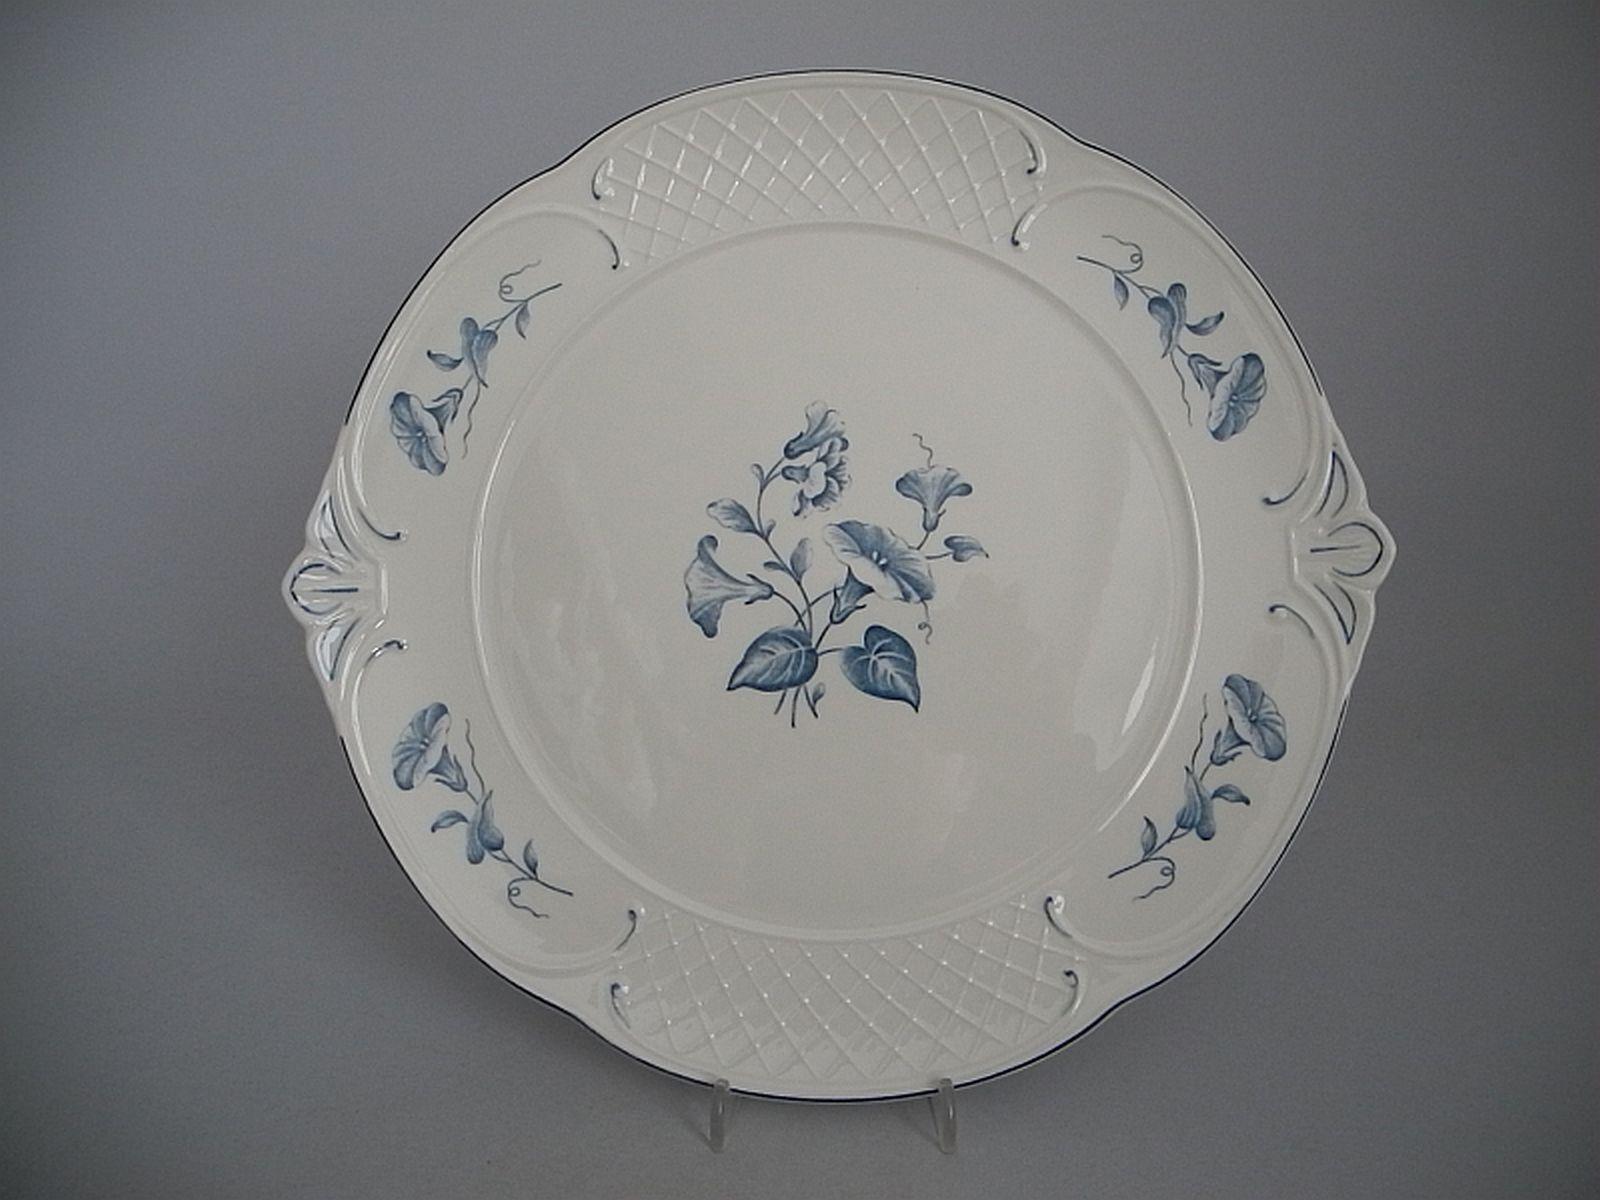 V & B Villeroy & Boch Val Blau Kuchenplatte   Kuchenteller mit Handhaben   | Zu einem erschwinglichen Preis